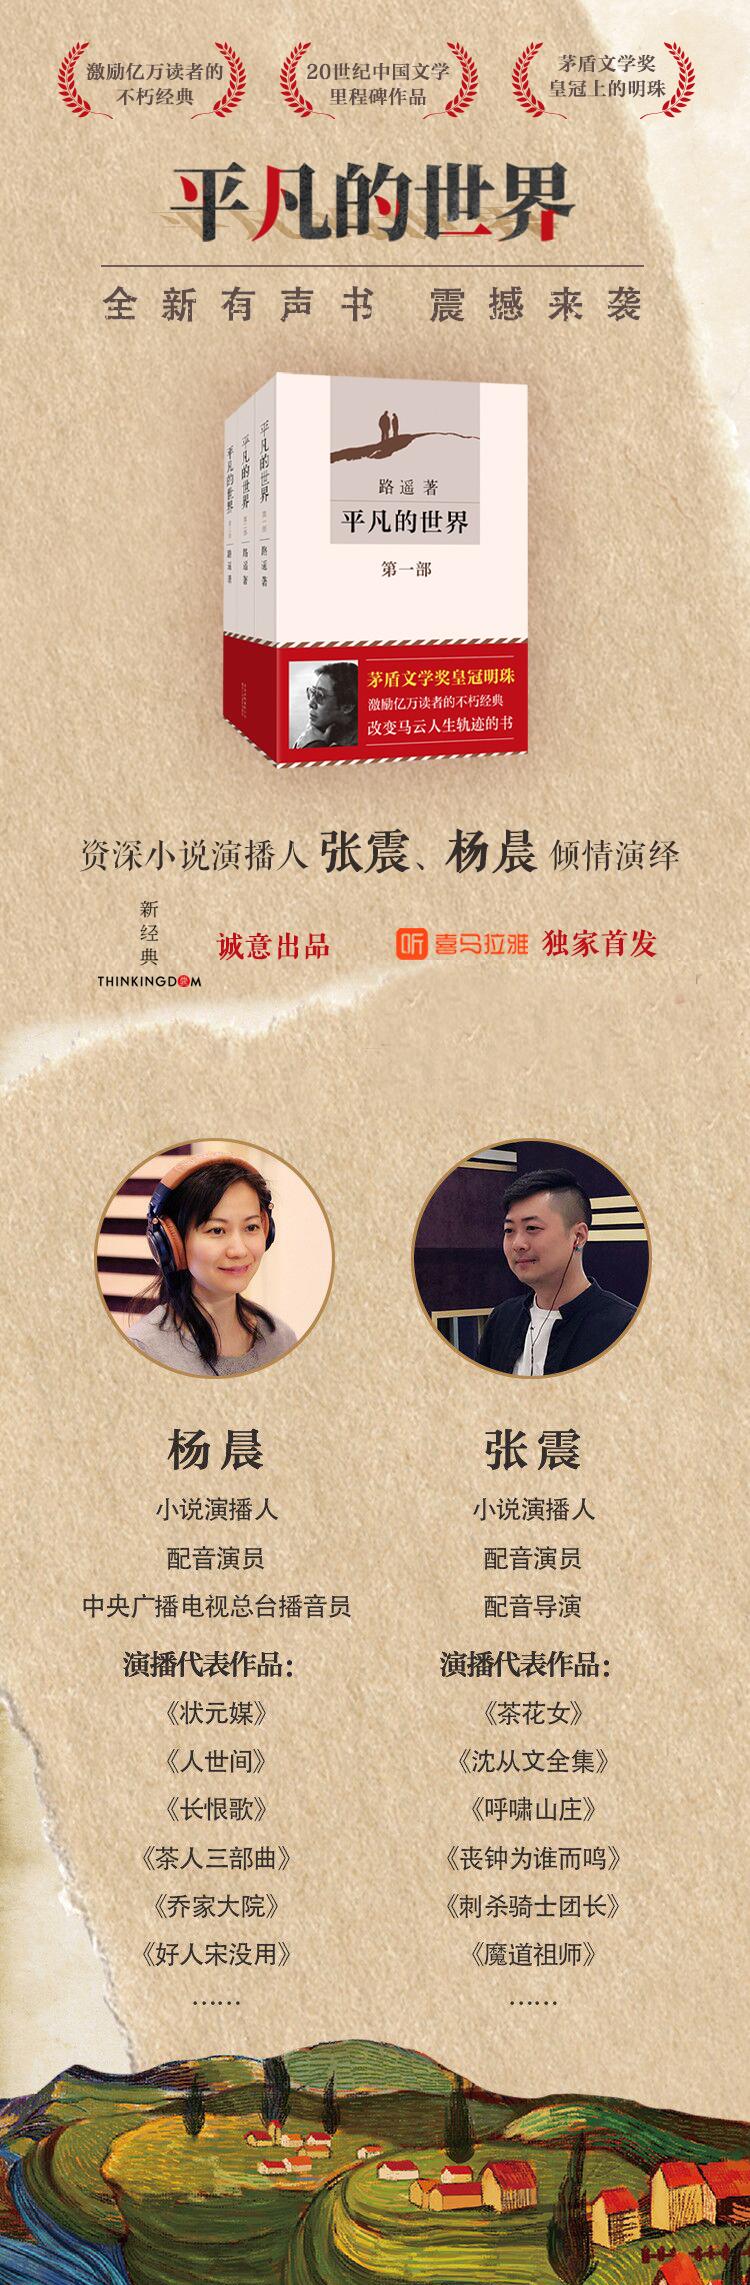 《平凡的世界》张震&杨晨男女双人演播有声小说